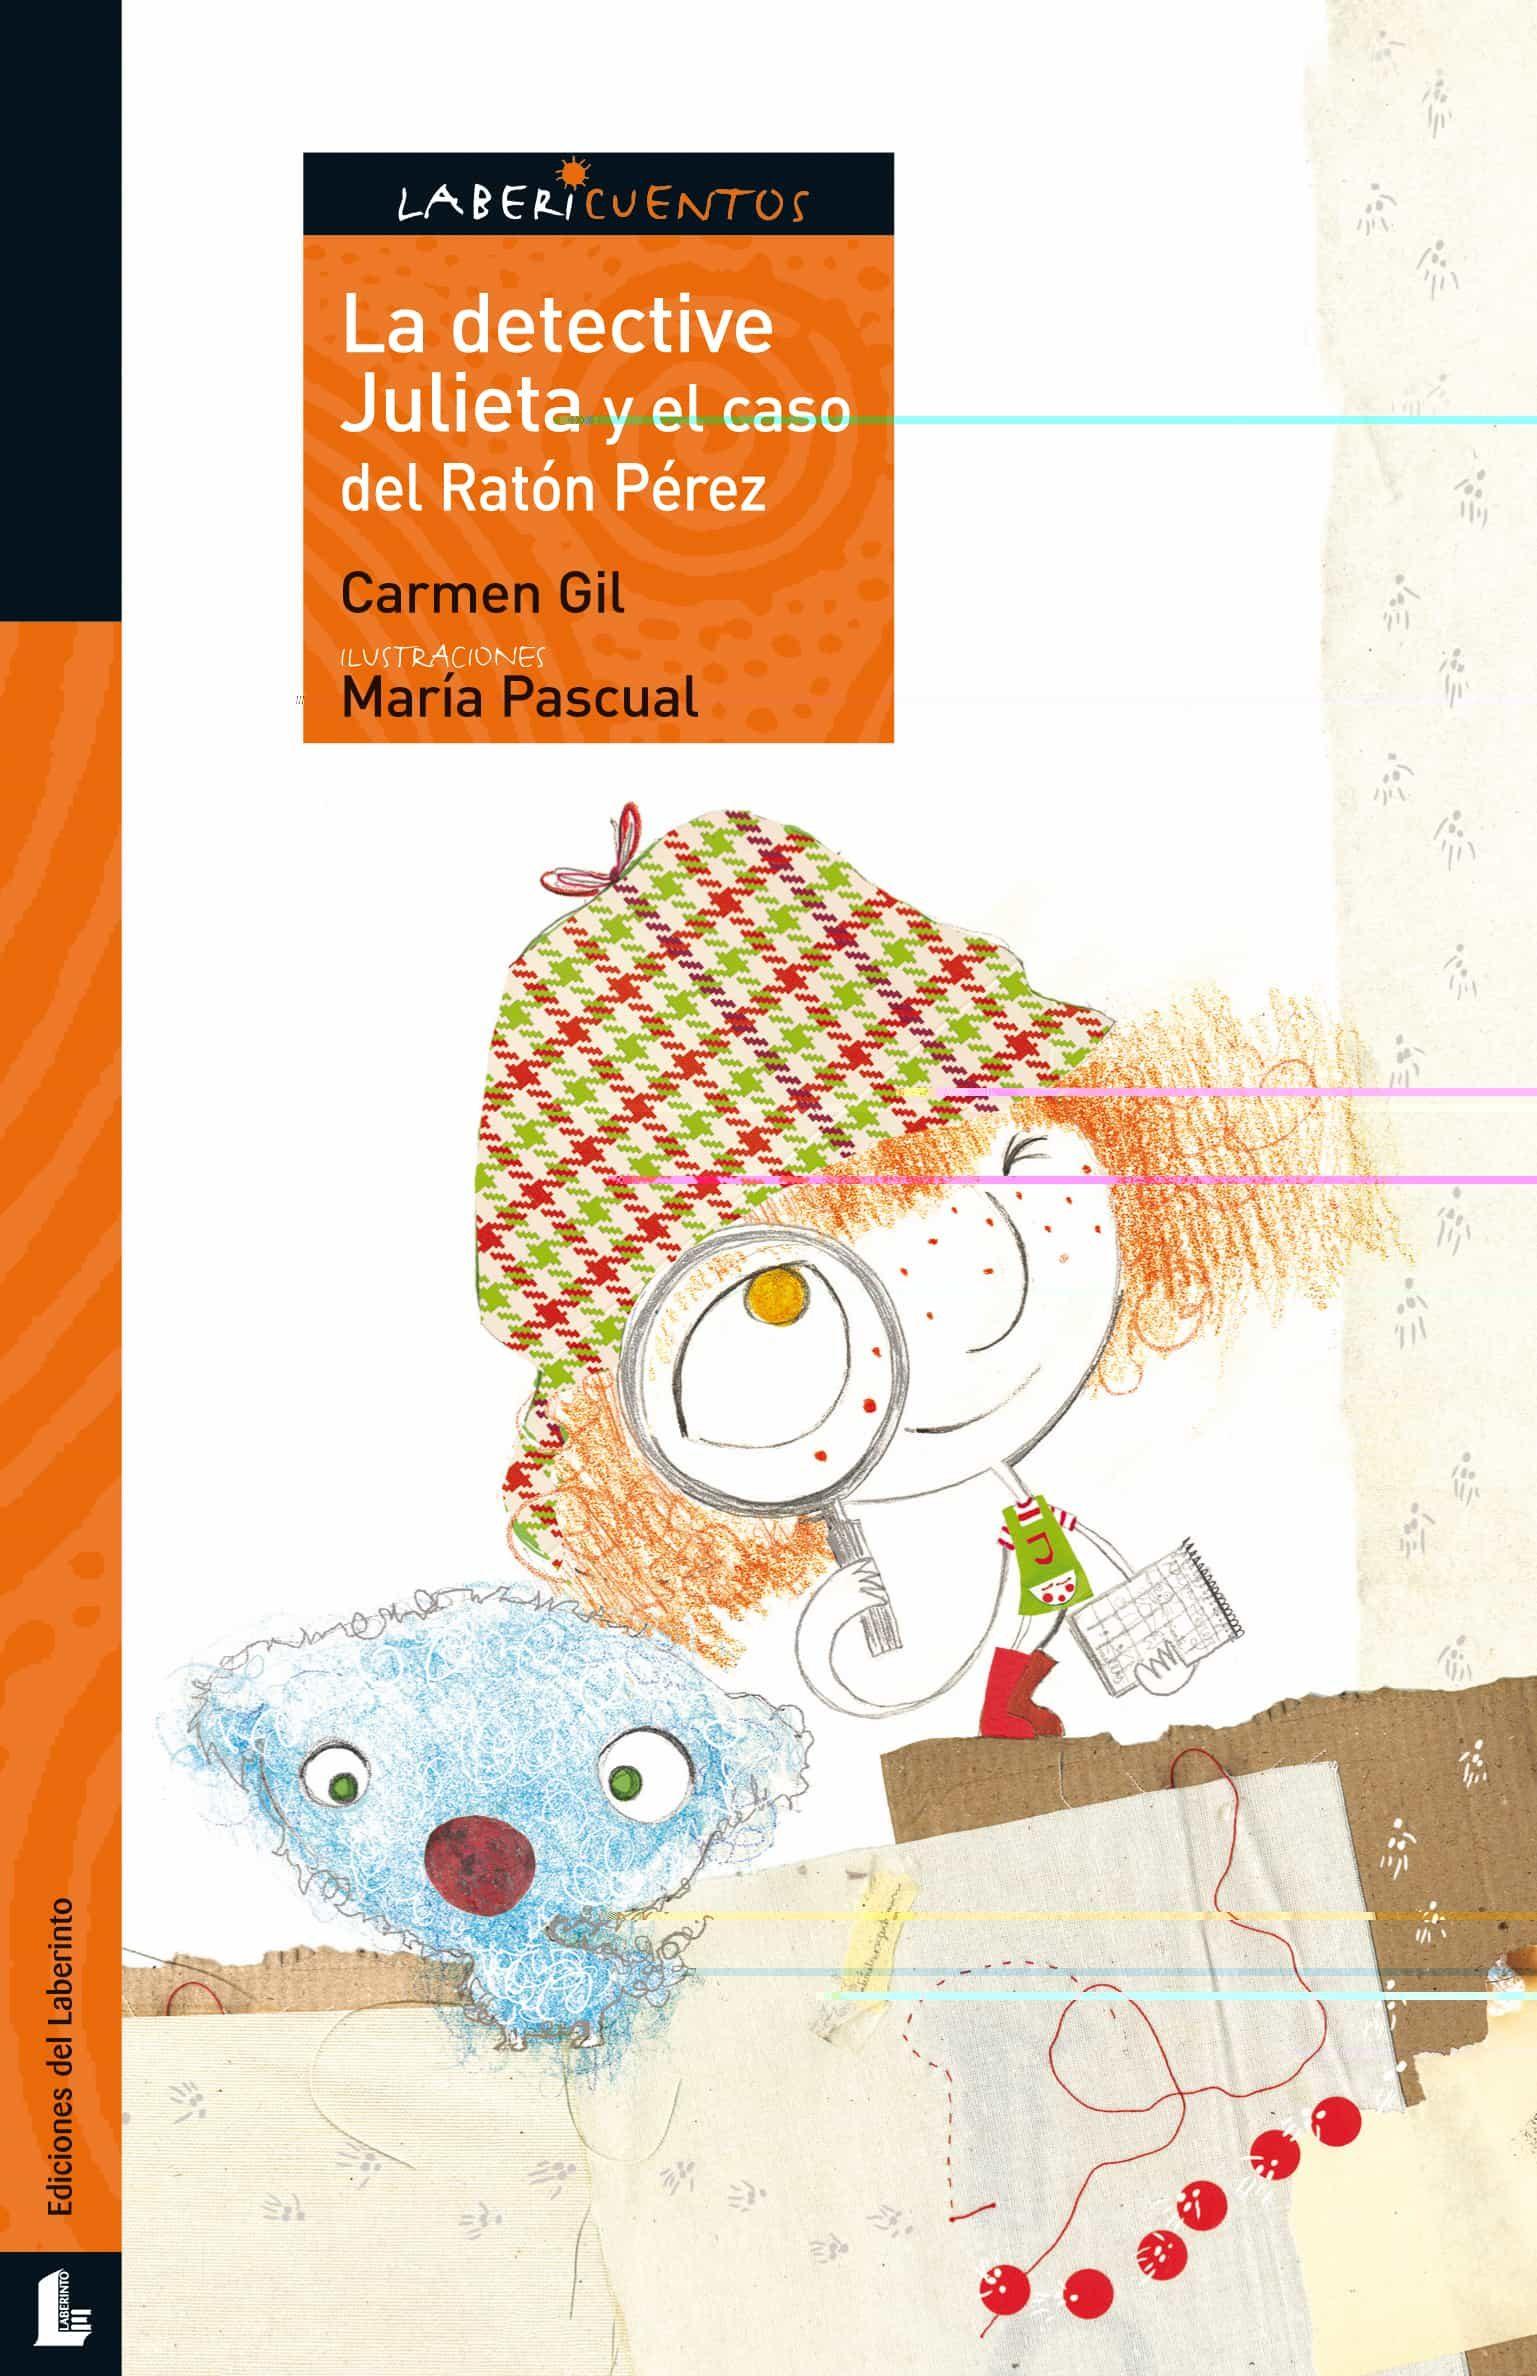 La Detective Julieta Y El Caso Del Raton Perez (labericuentos) por Carmen Gil Gratis